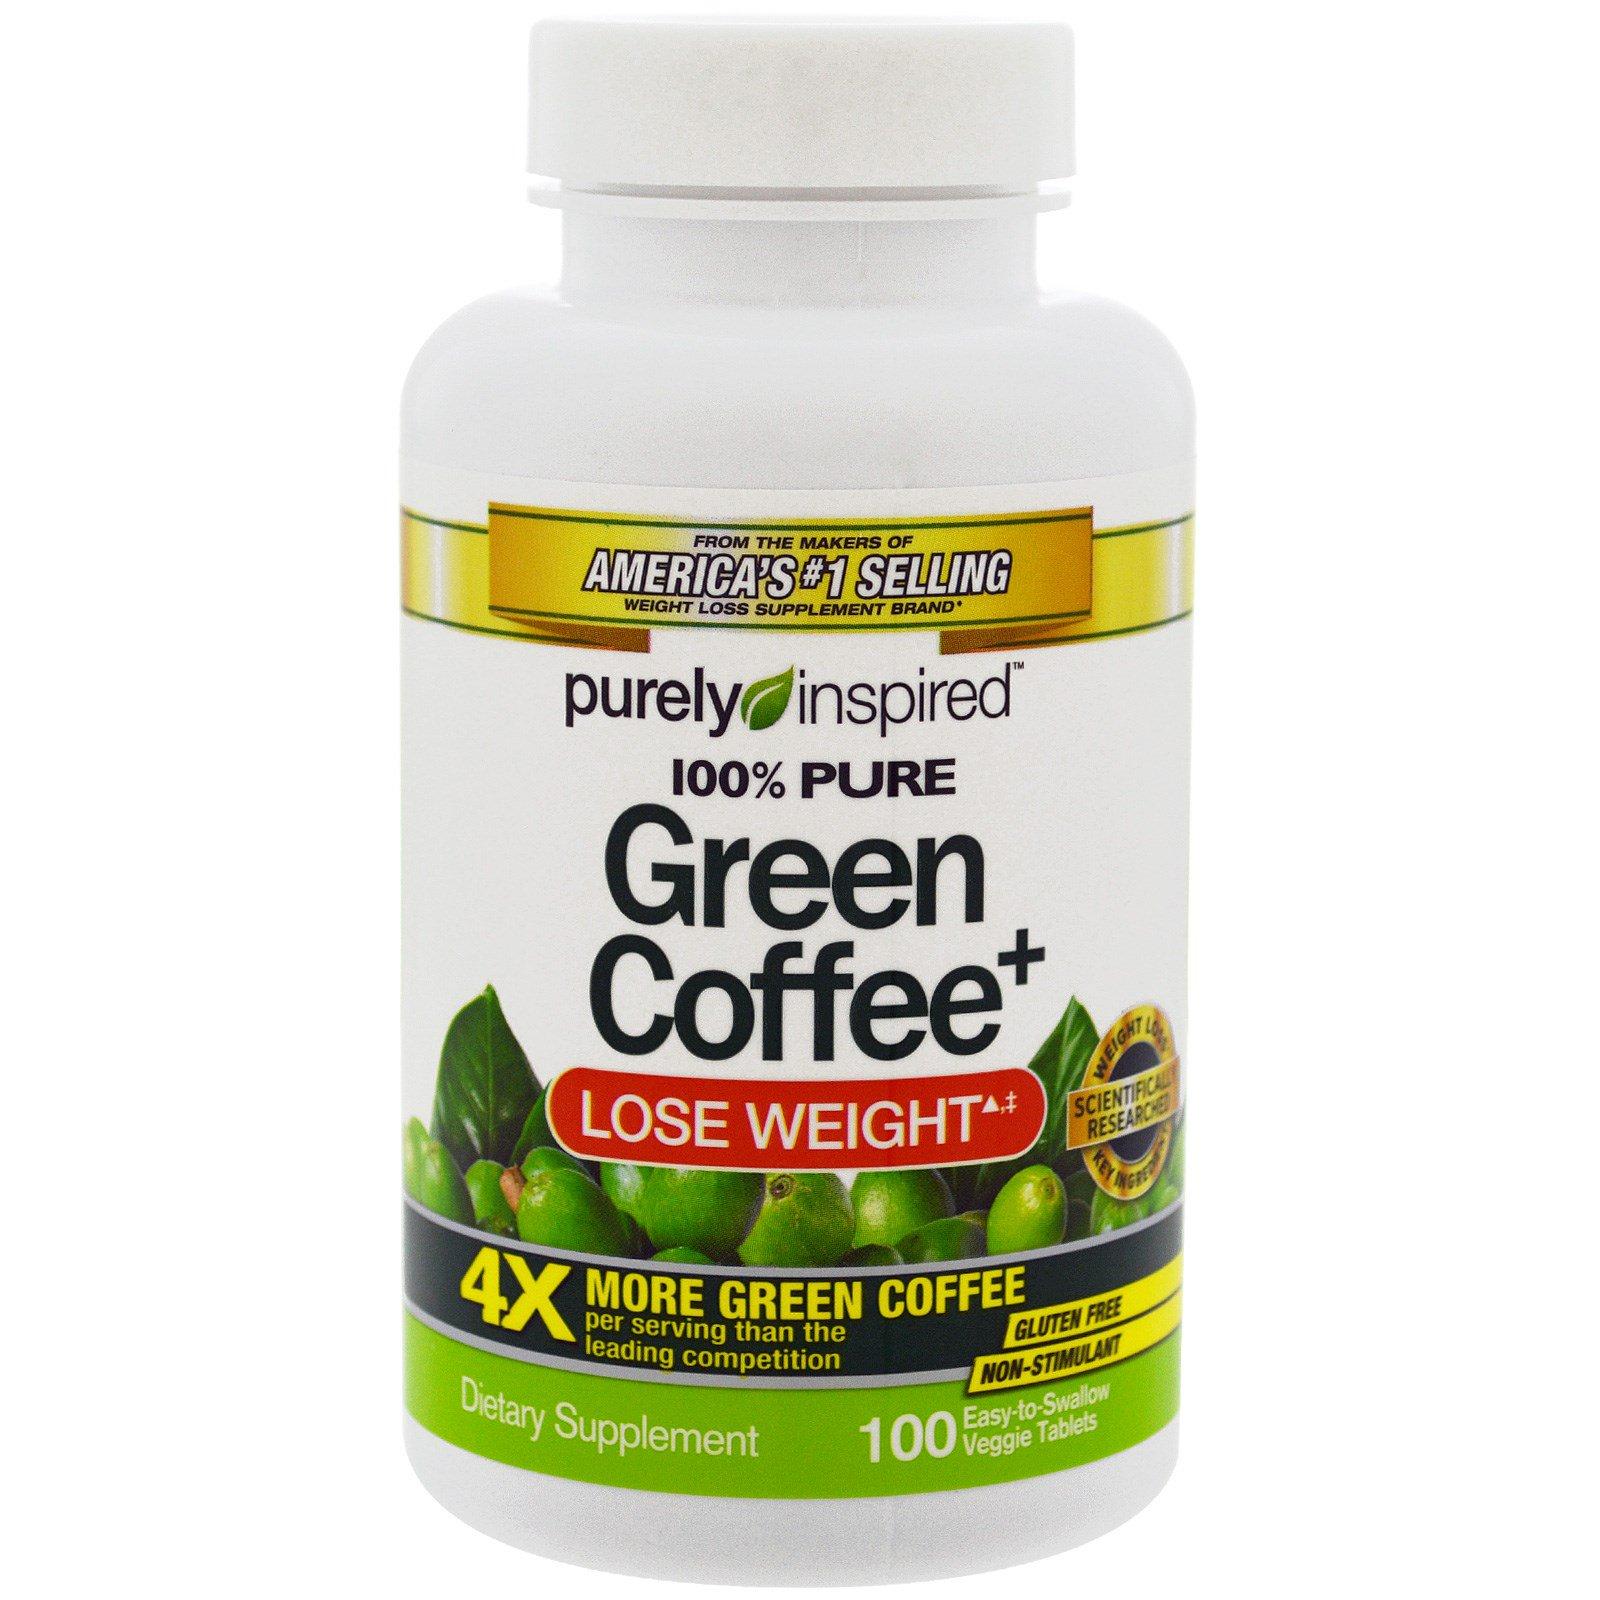 Похудение От Зеленого Кофе. Как правильно готовить и пить зеленый кофе для похудения